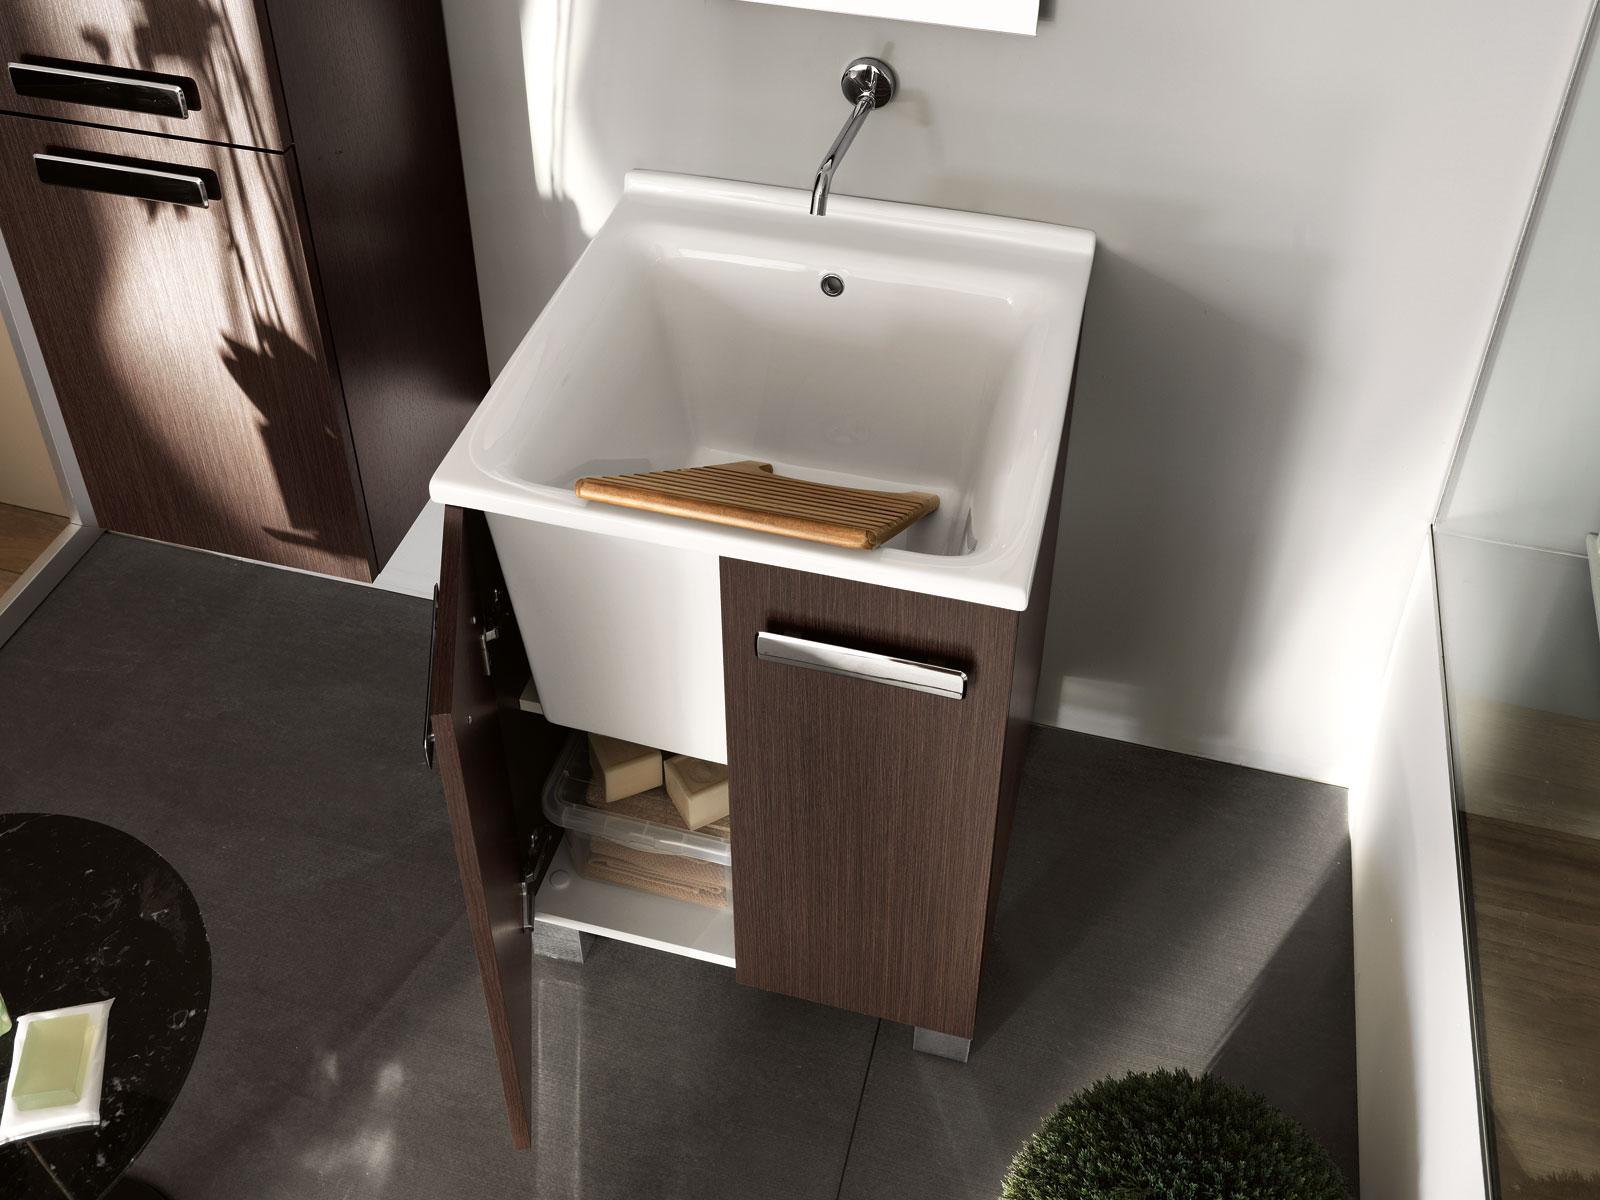 Lavatoio mobile a terra ceramichemichelediprima - Mobile coprilavatrice con lavatoio ...